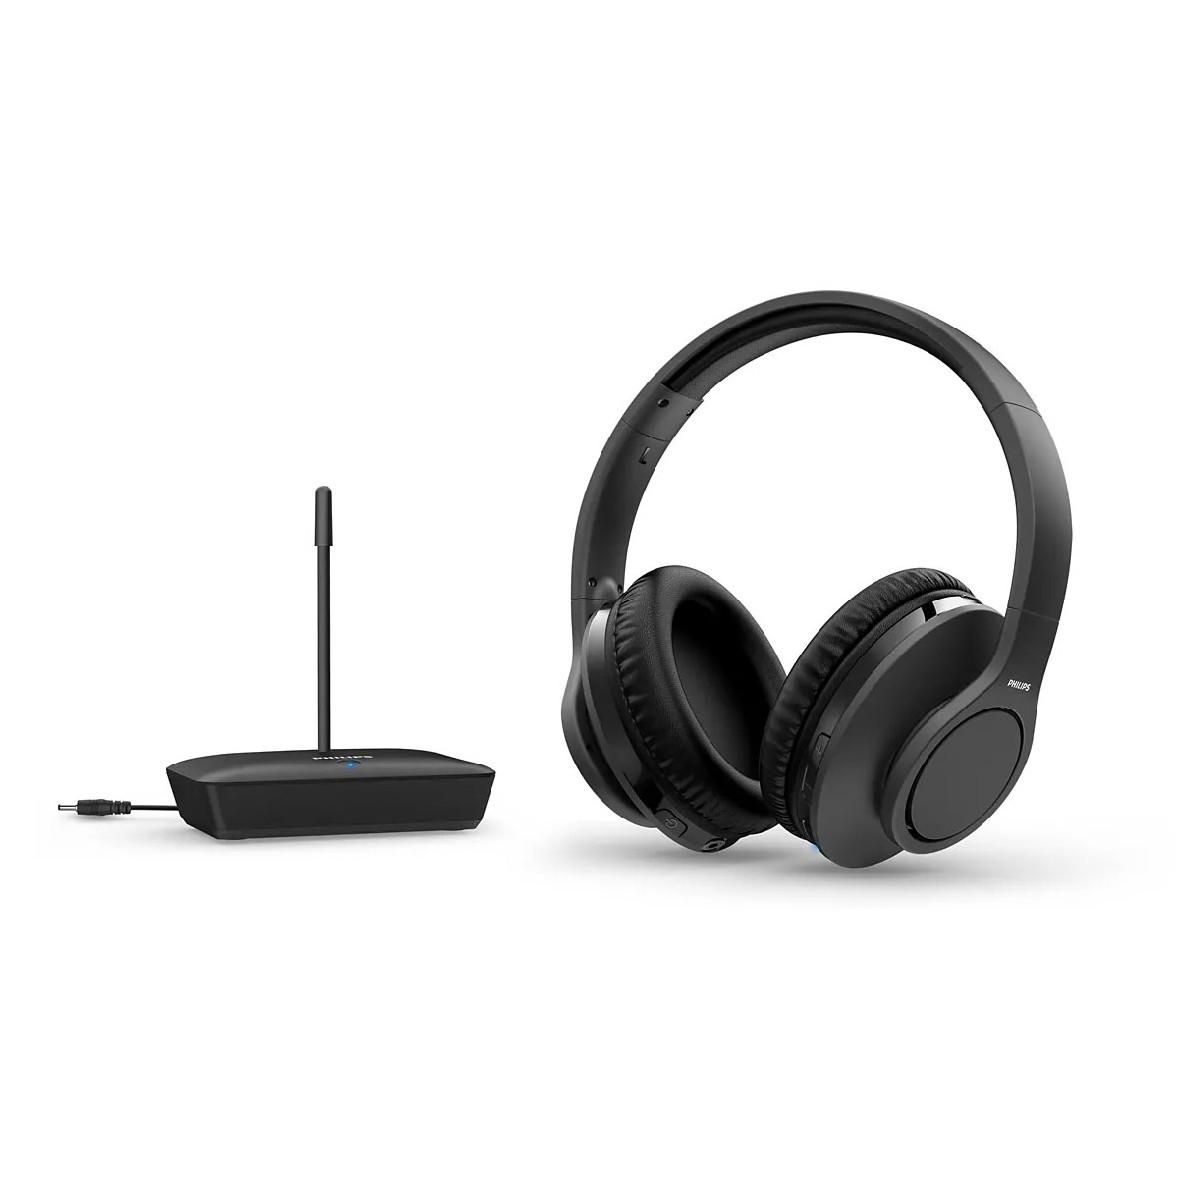 Ασύρματα Ακουστικά Stereo Philips TAH6005BK/10 Μαύρο για Τηλεοράσεις και Ηχοσυστήματα 20 mW 3,5mm 100μ Εμβέλια